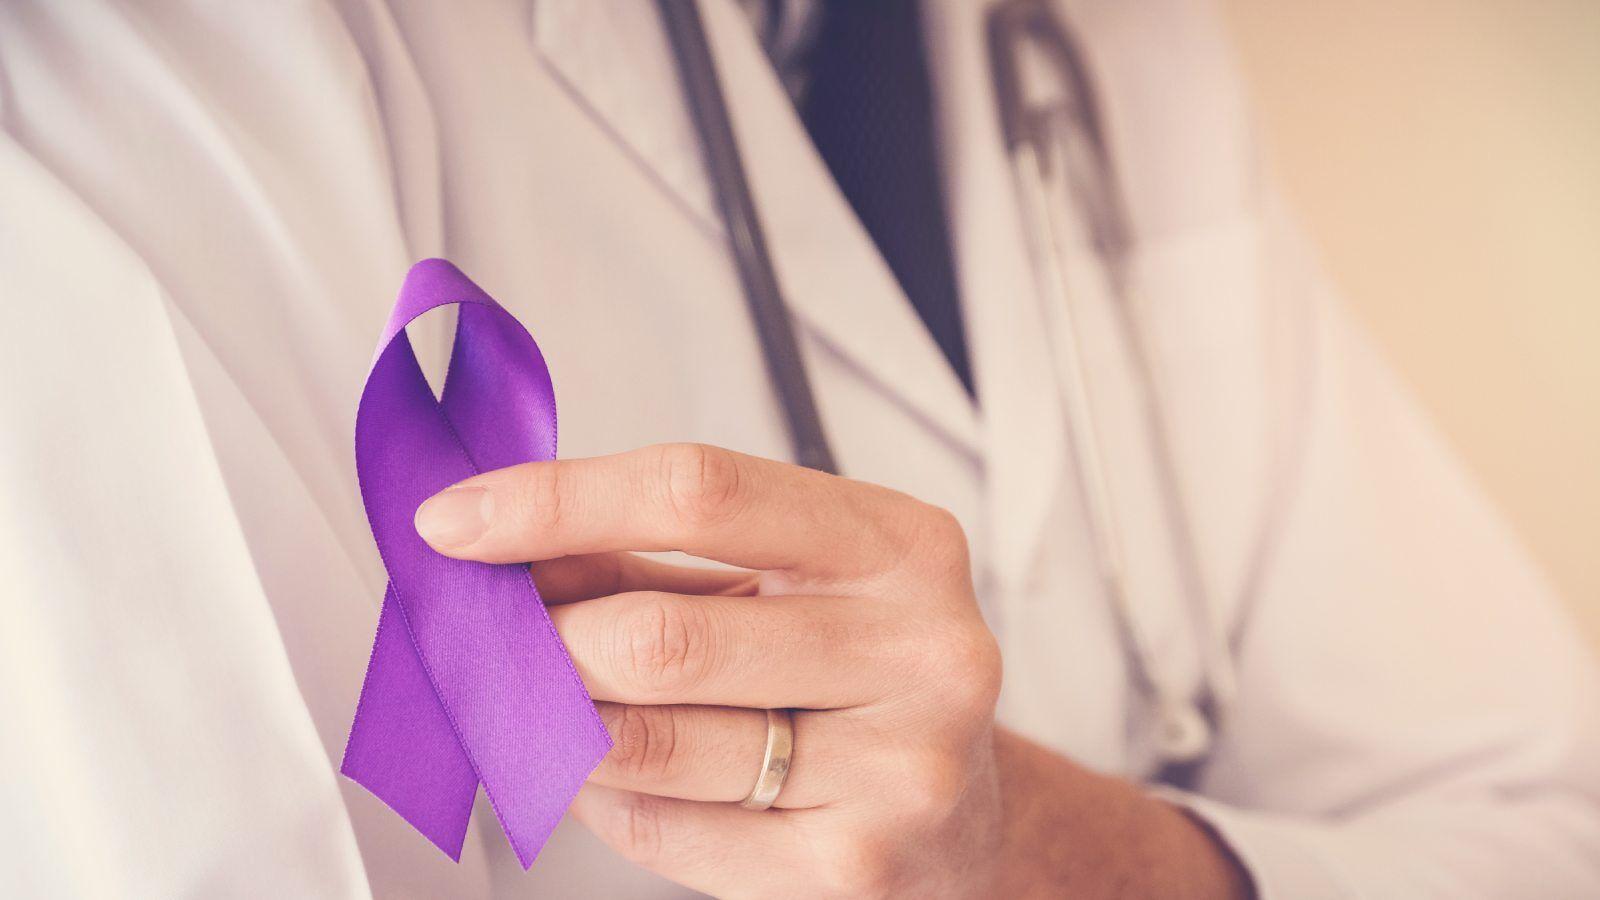 קנאביס רפואי לטיפול בקרוהן